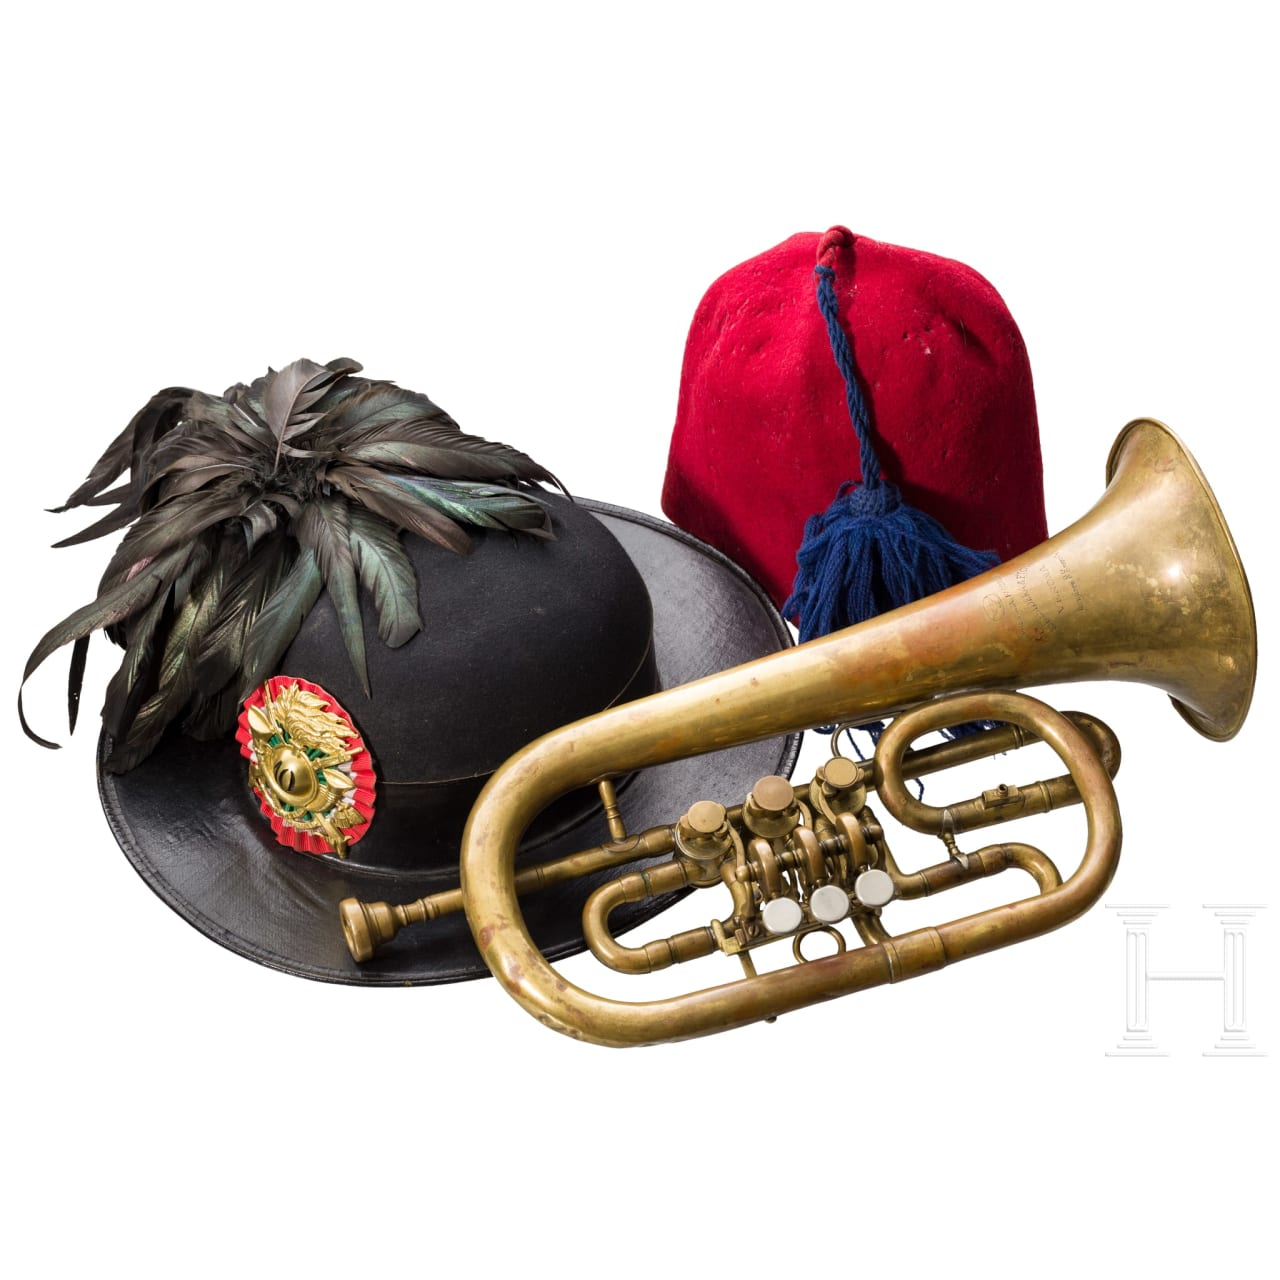 Hut für Bersaglieri, Trompete und Fez, 1. Hälfte 20. Jhdt.